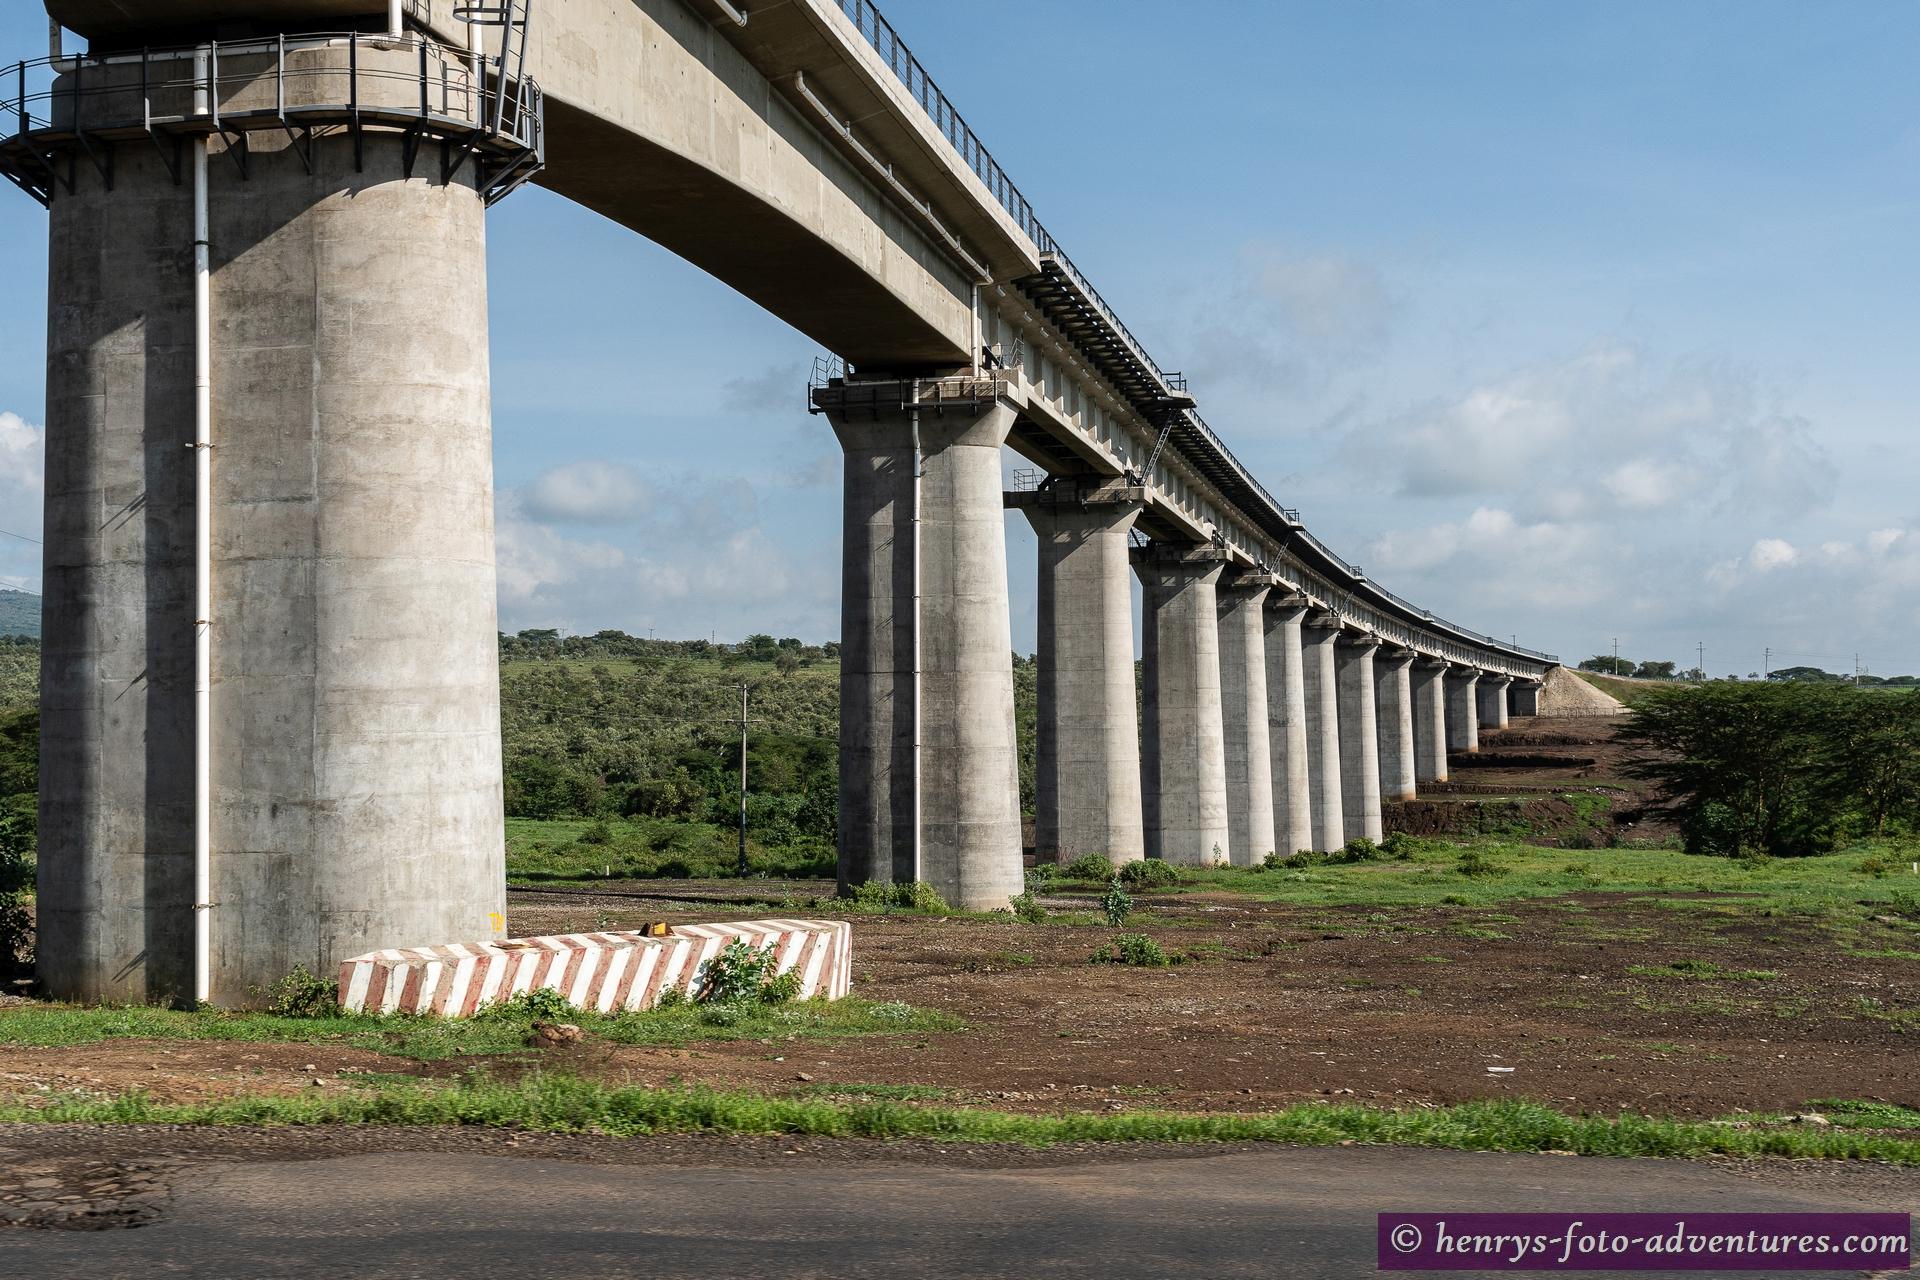 hier kreuzen wir Wieder die Eisenbahnstrecke nach Uganda